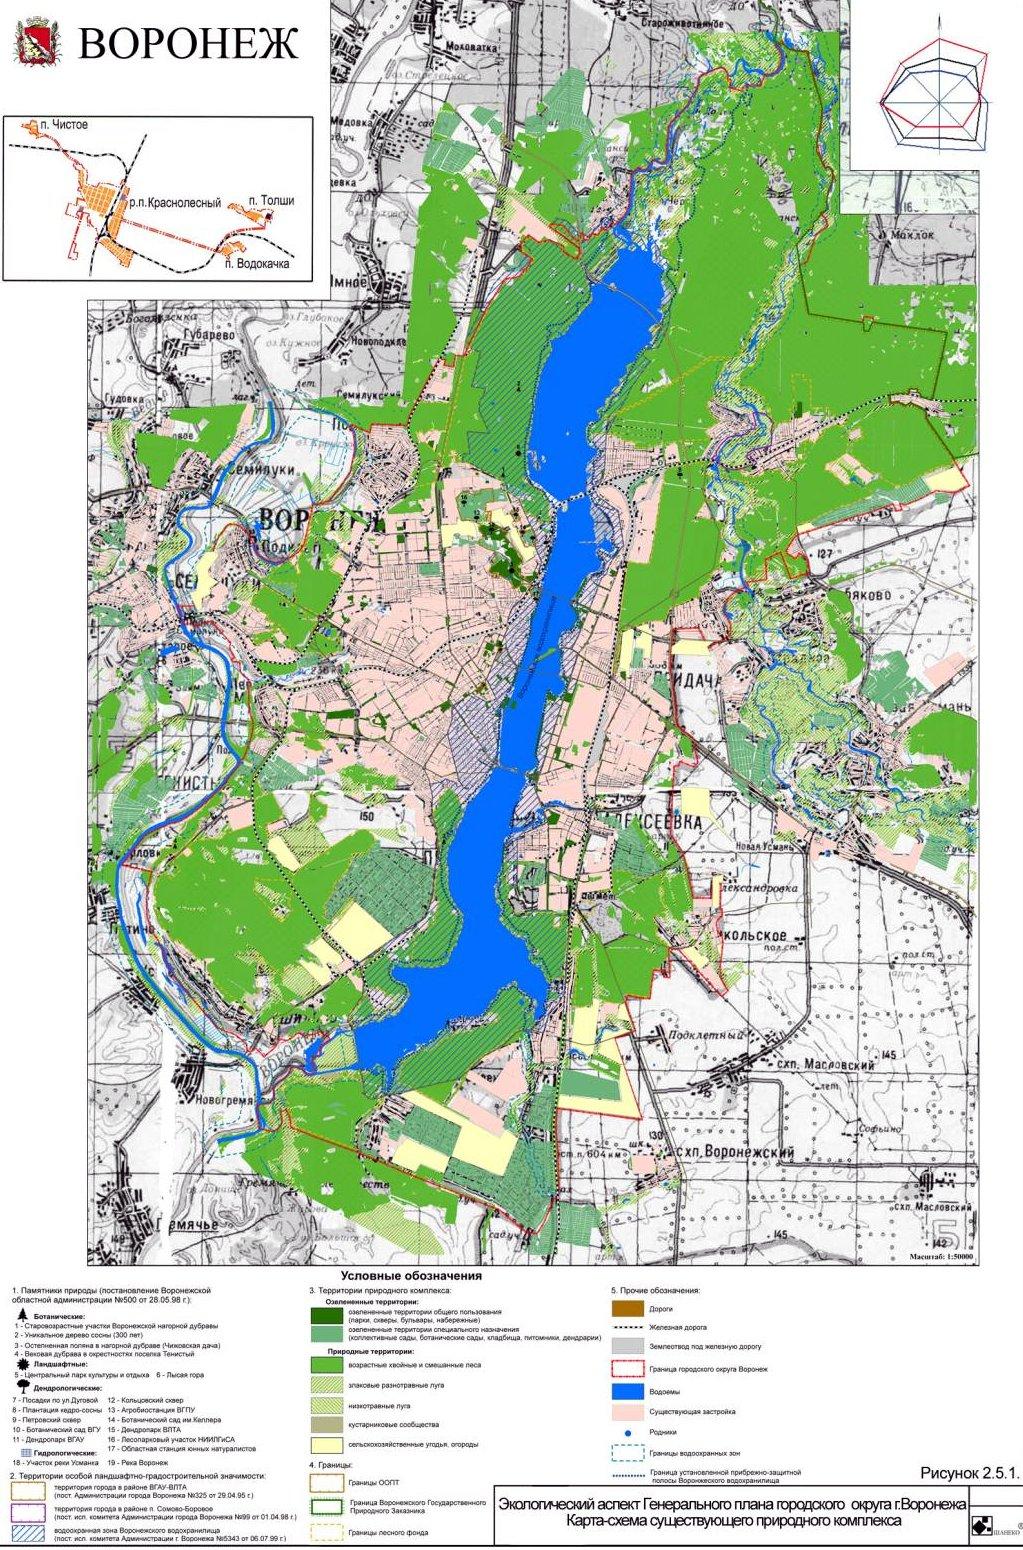 Карта-схема существующего природного комплекса